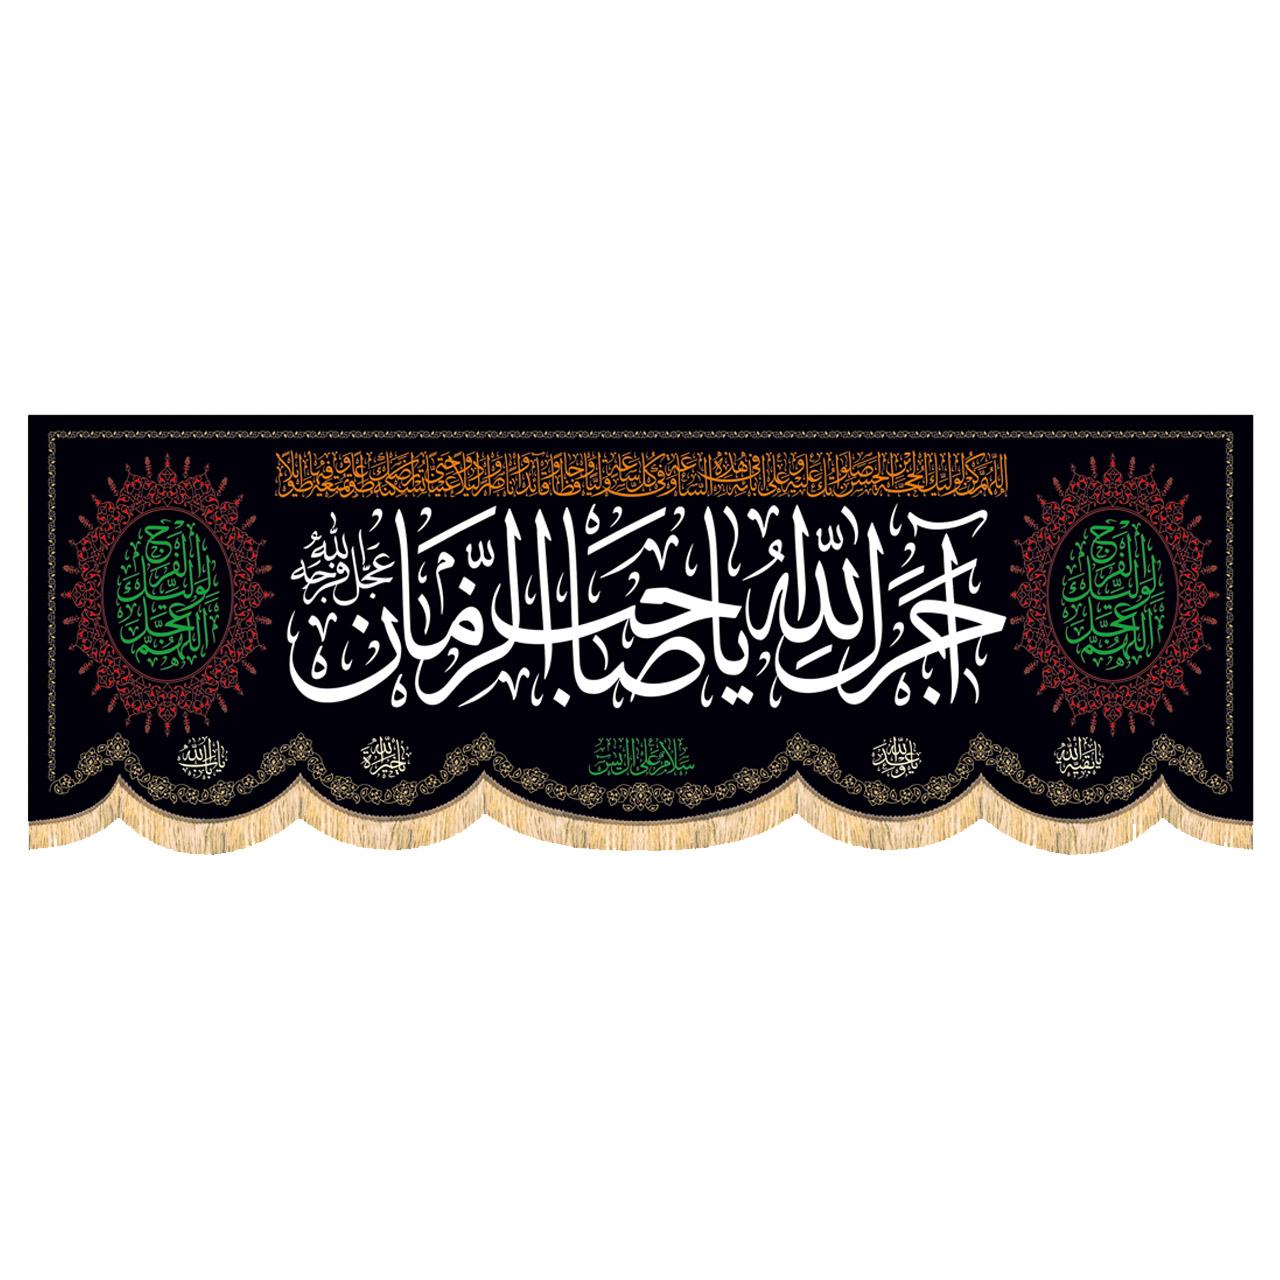 پرچم و کتیبه محرم طرح هلال سردری (آجرک الله) 3 متری